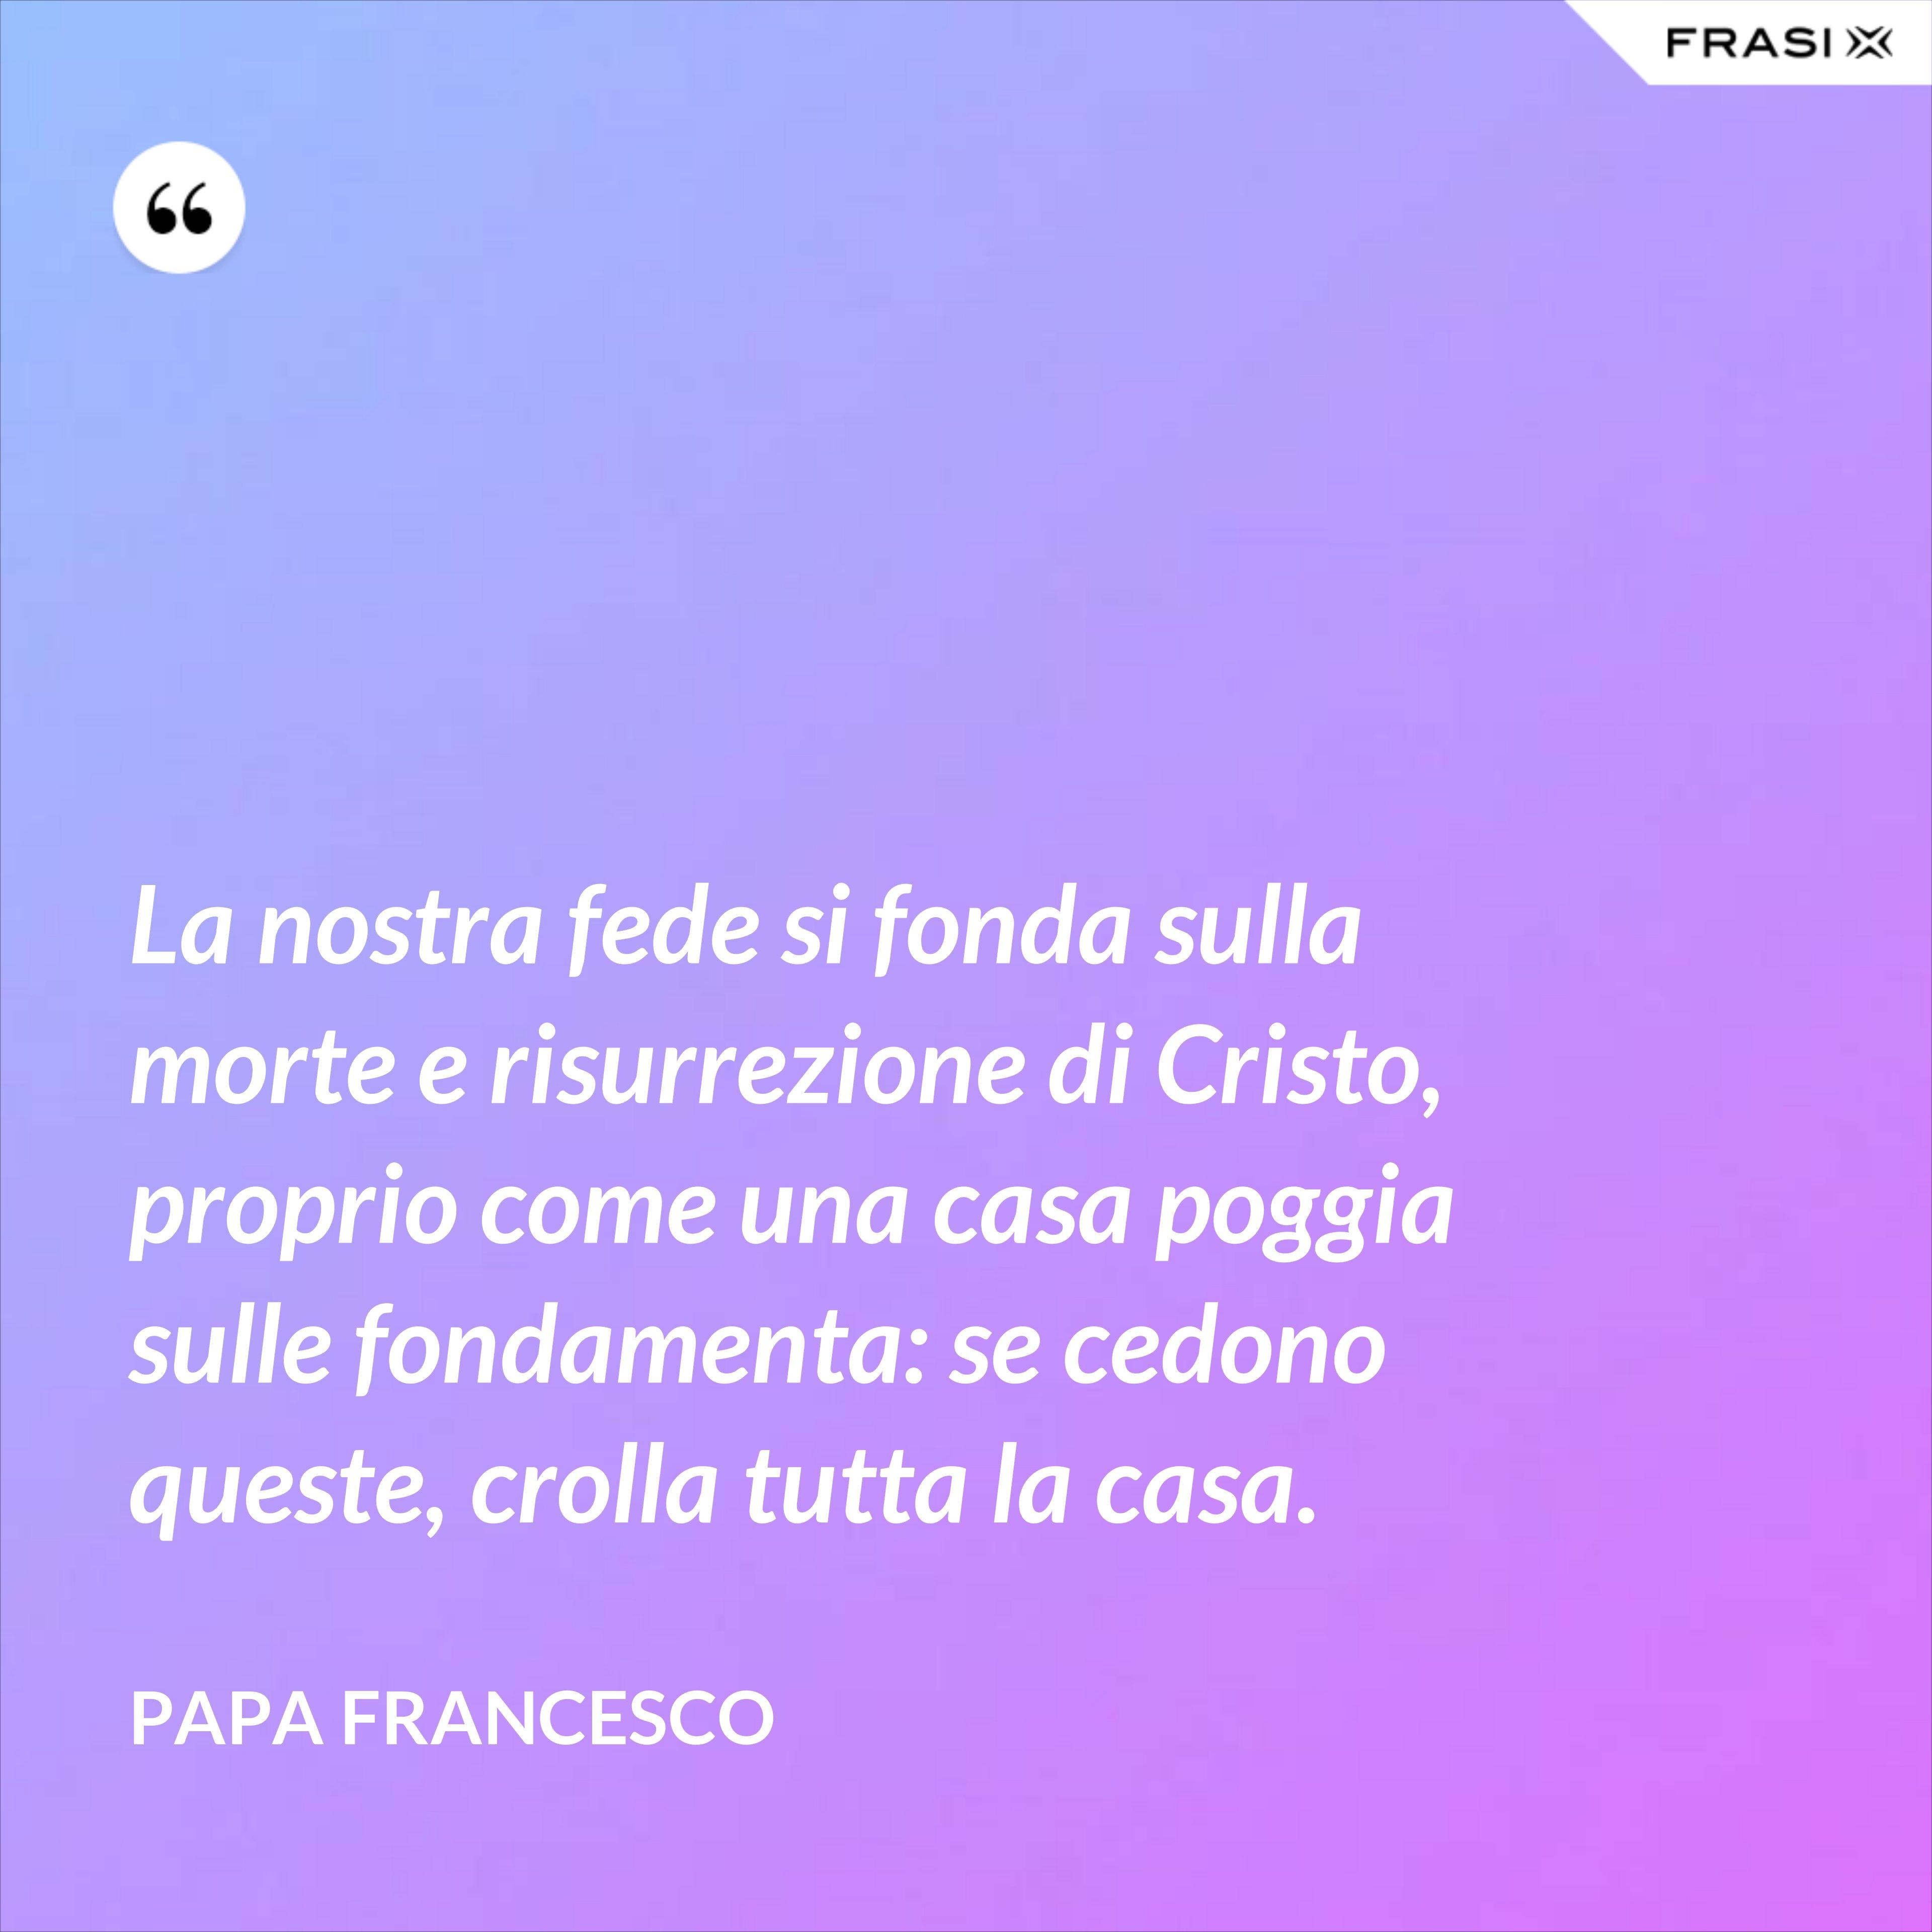 La nostra fede si fonda sulla morte e risurrezione di Cristo, proprio come una casa poggia sulle fondamenta: se cedono queste, crolla tutta la casa. - Papa Francesco